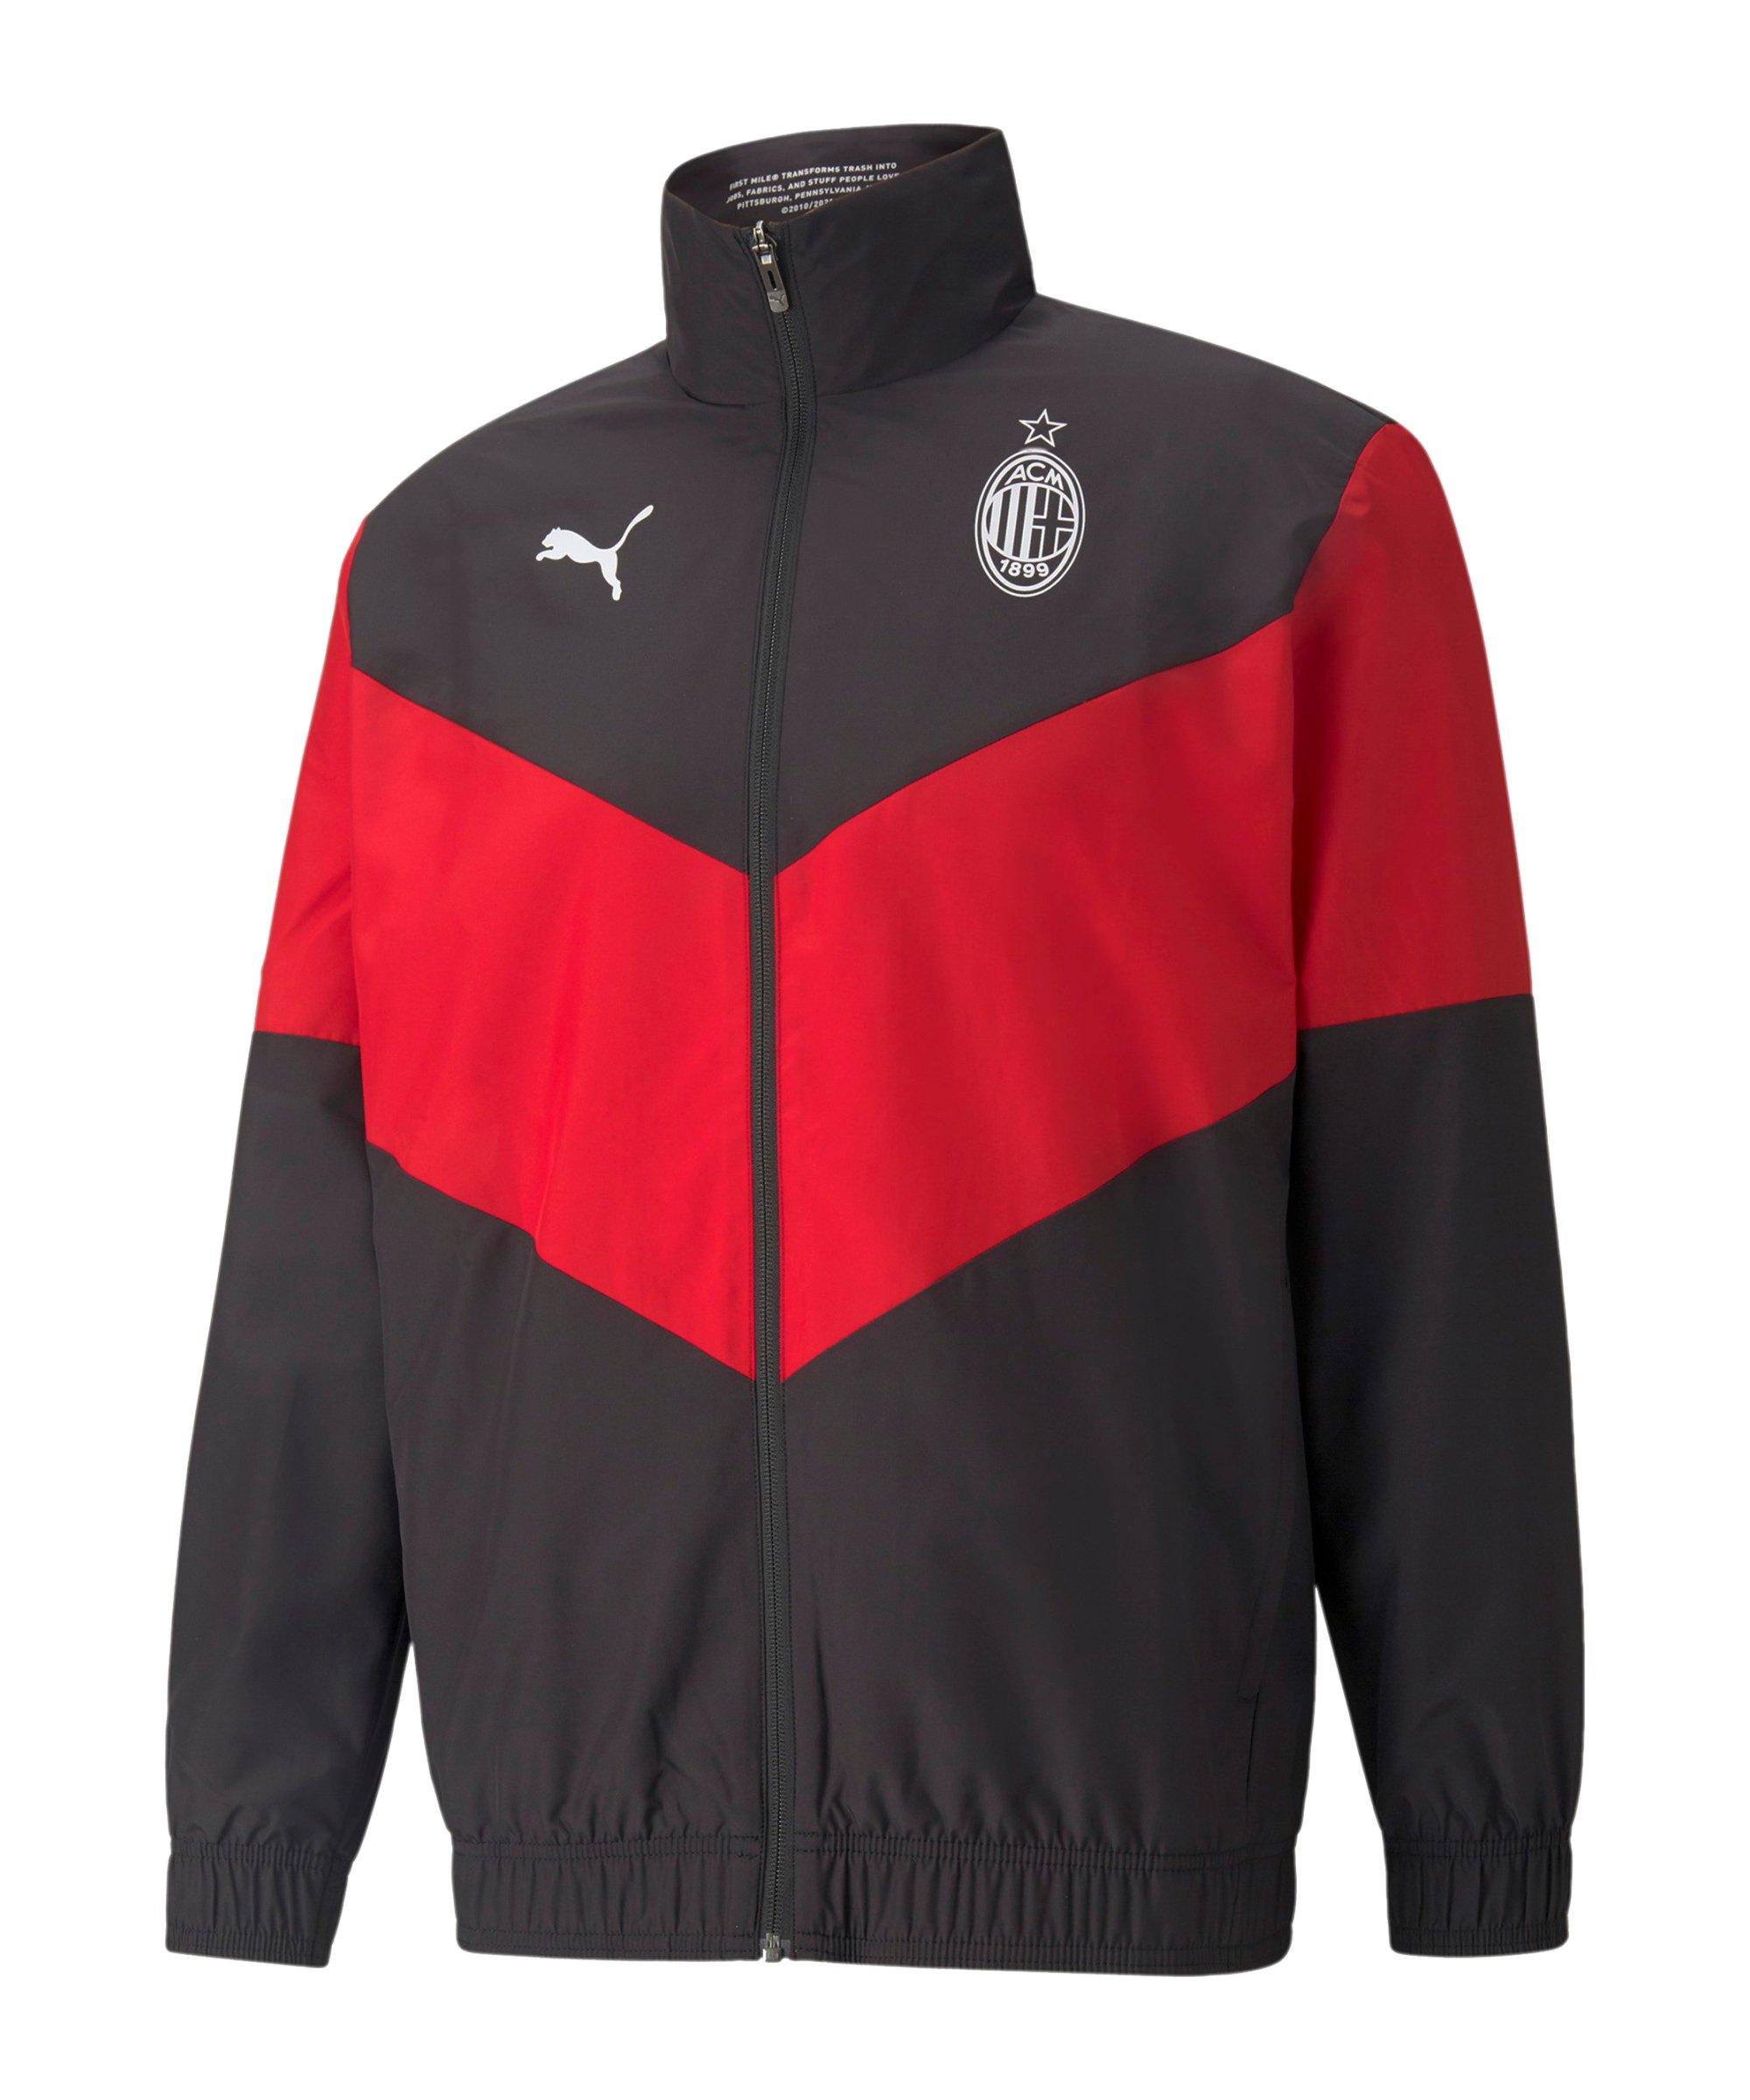 PUMA AC Mailand Prematch Jacke 2021/2022 Schwarz Rot F05 - schwarz